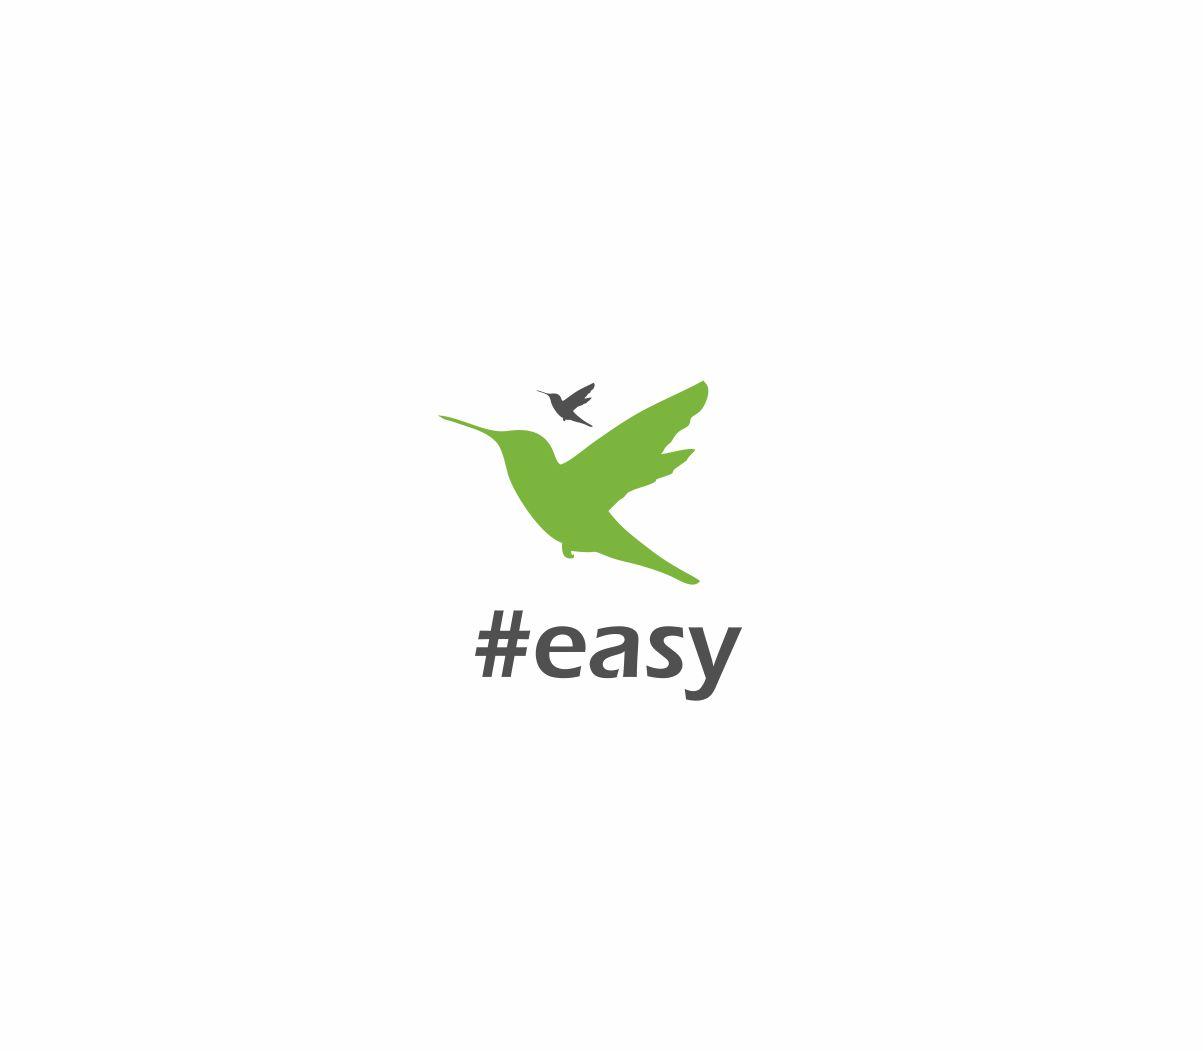 Разработка логотипа в виде хэштега #easy с зеленой колибри  фото f_5105d4eb75d0e92f.jpg